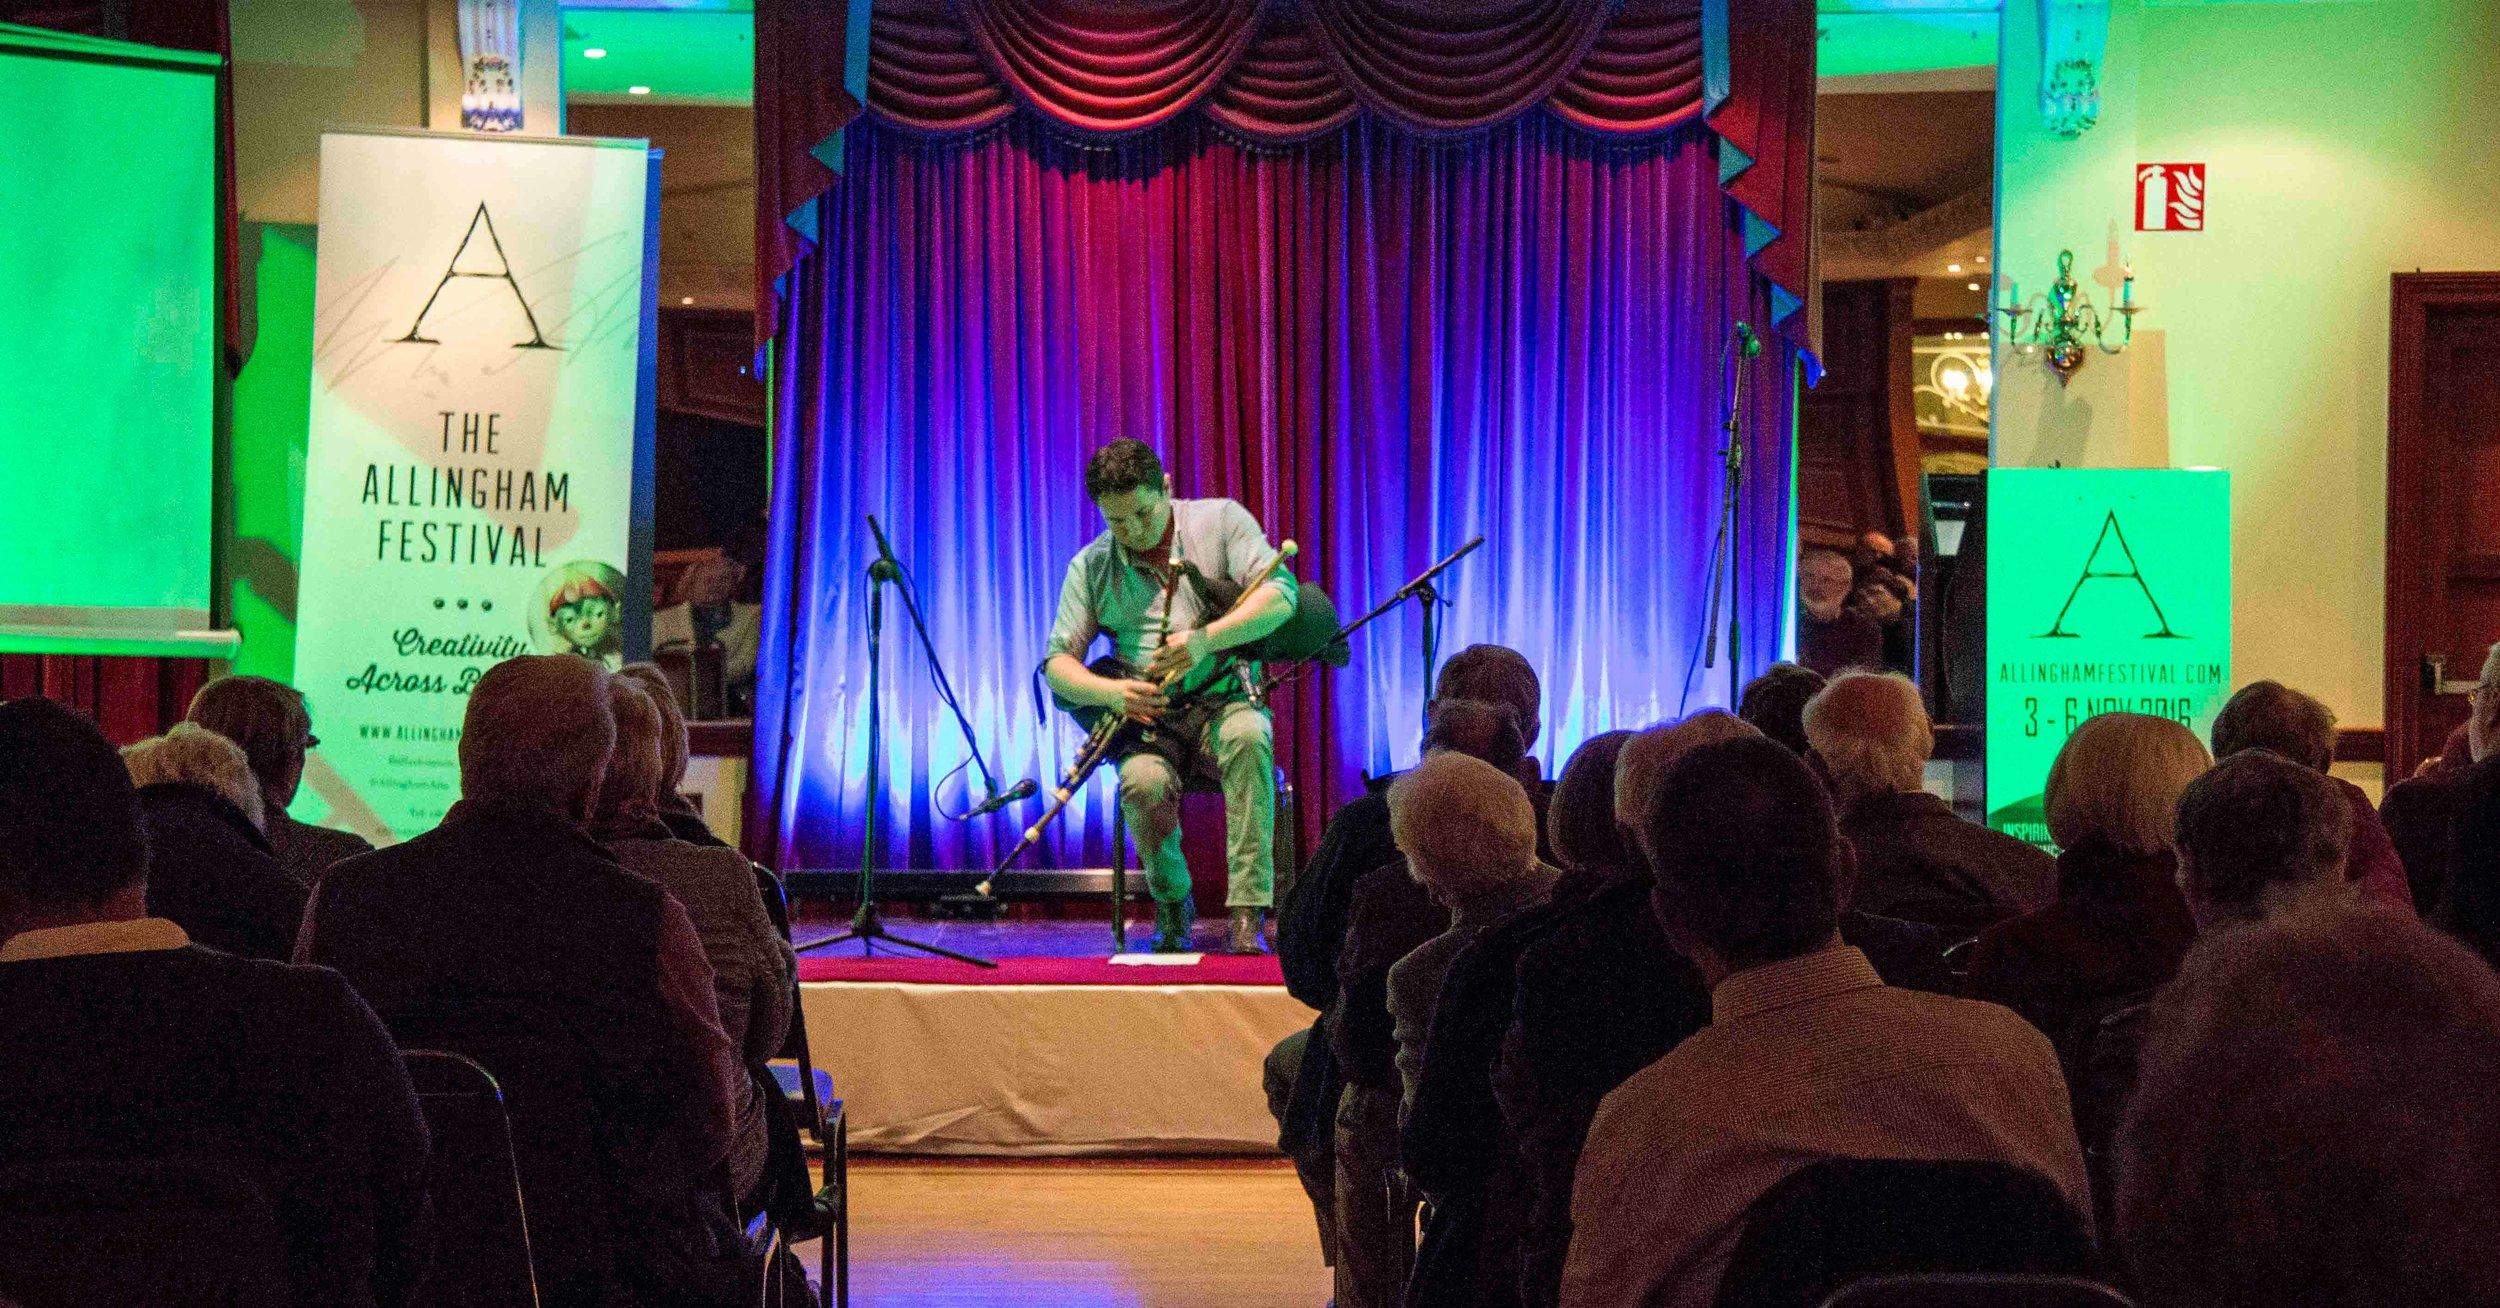 Comóradh Éamonn Ceannt - Allingham Festival 2016 - Friday Nov. 4th - Dorrian's Hotel-7.jpg